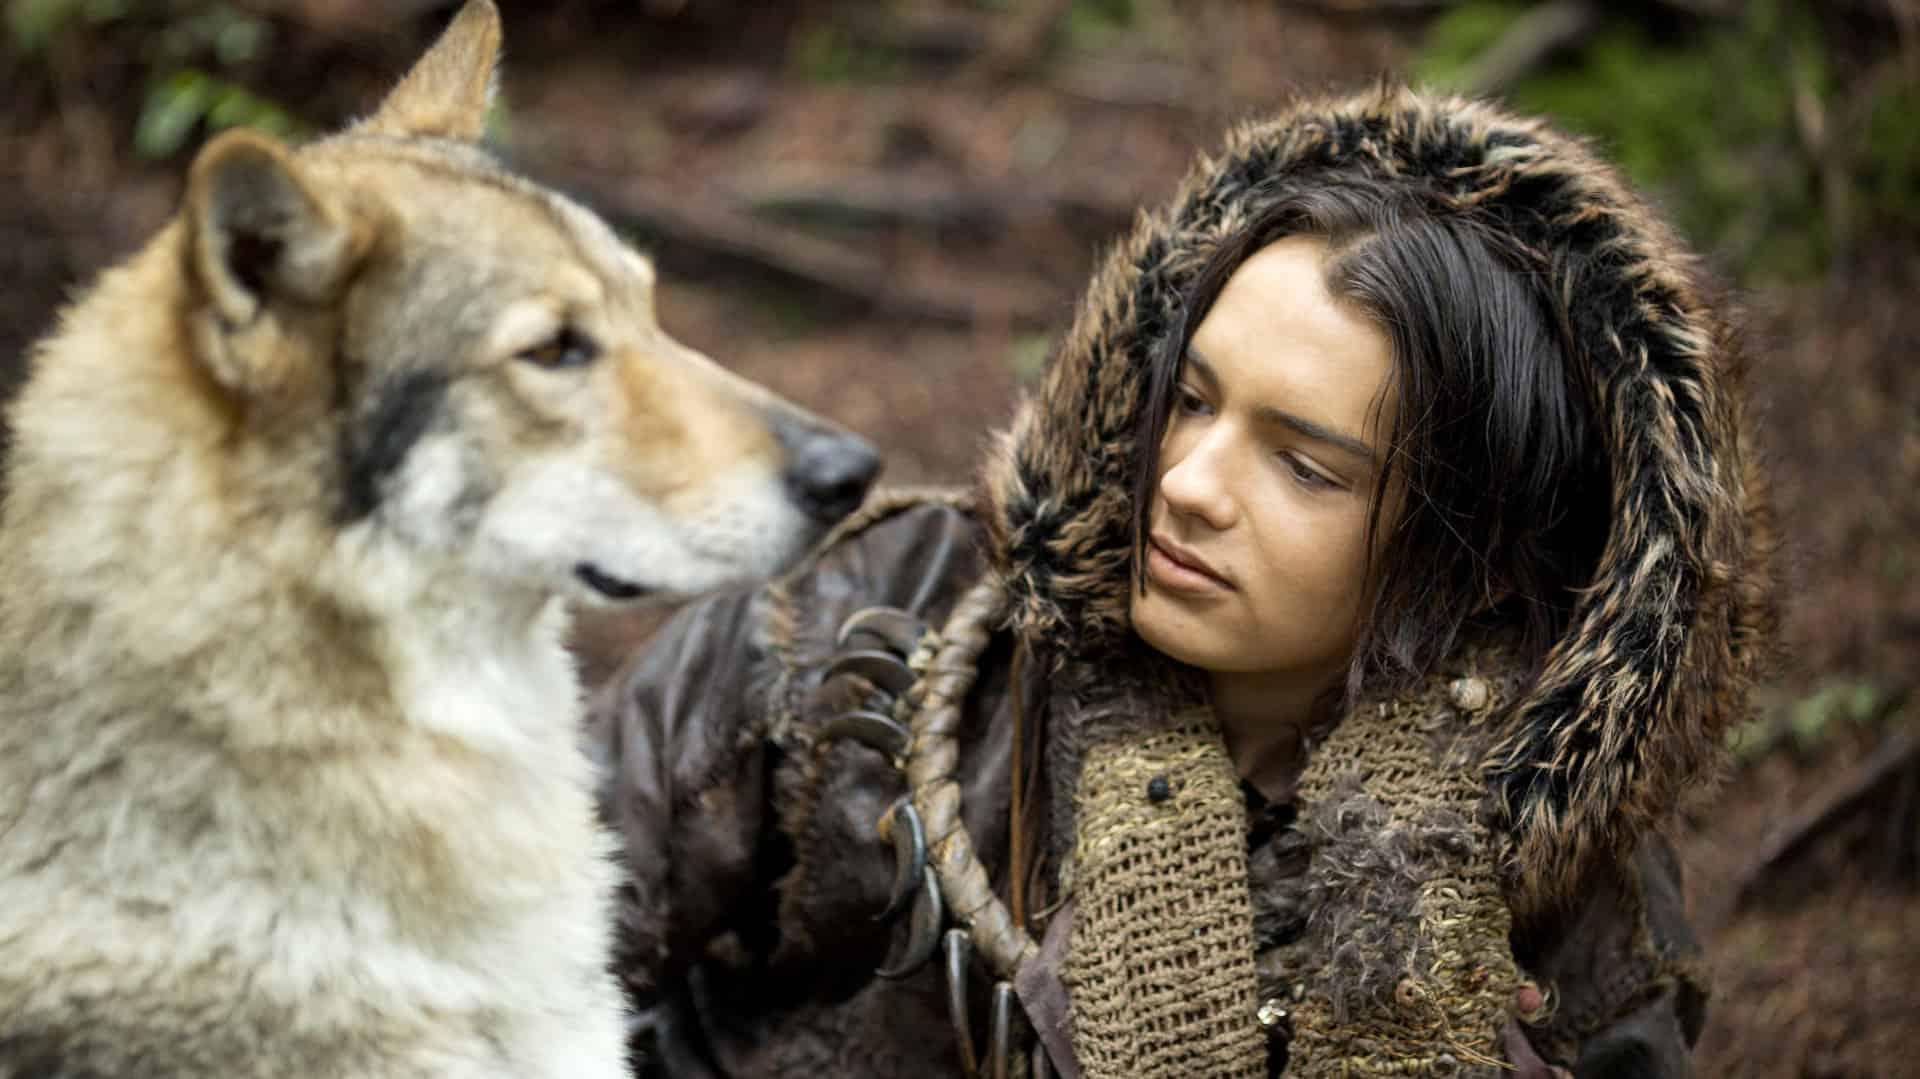 5 Film Terbaik Tentang Persahabatan Manusia Dengan Hewan 6